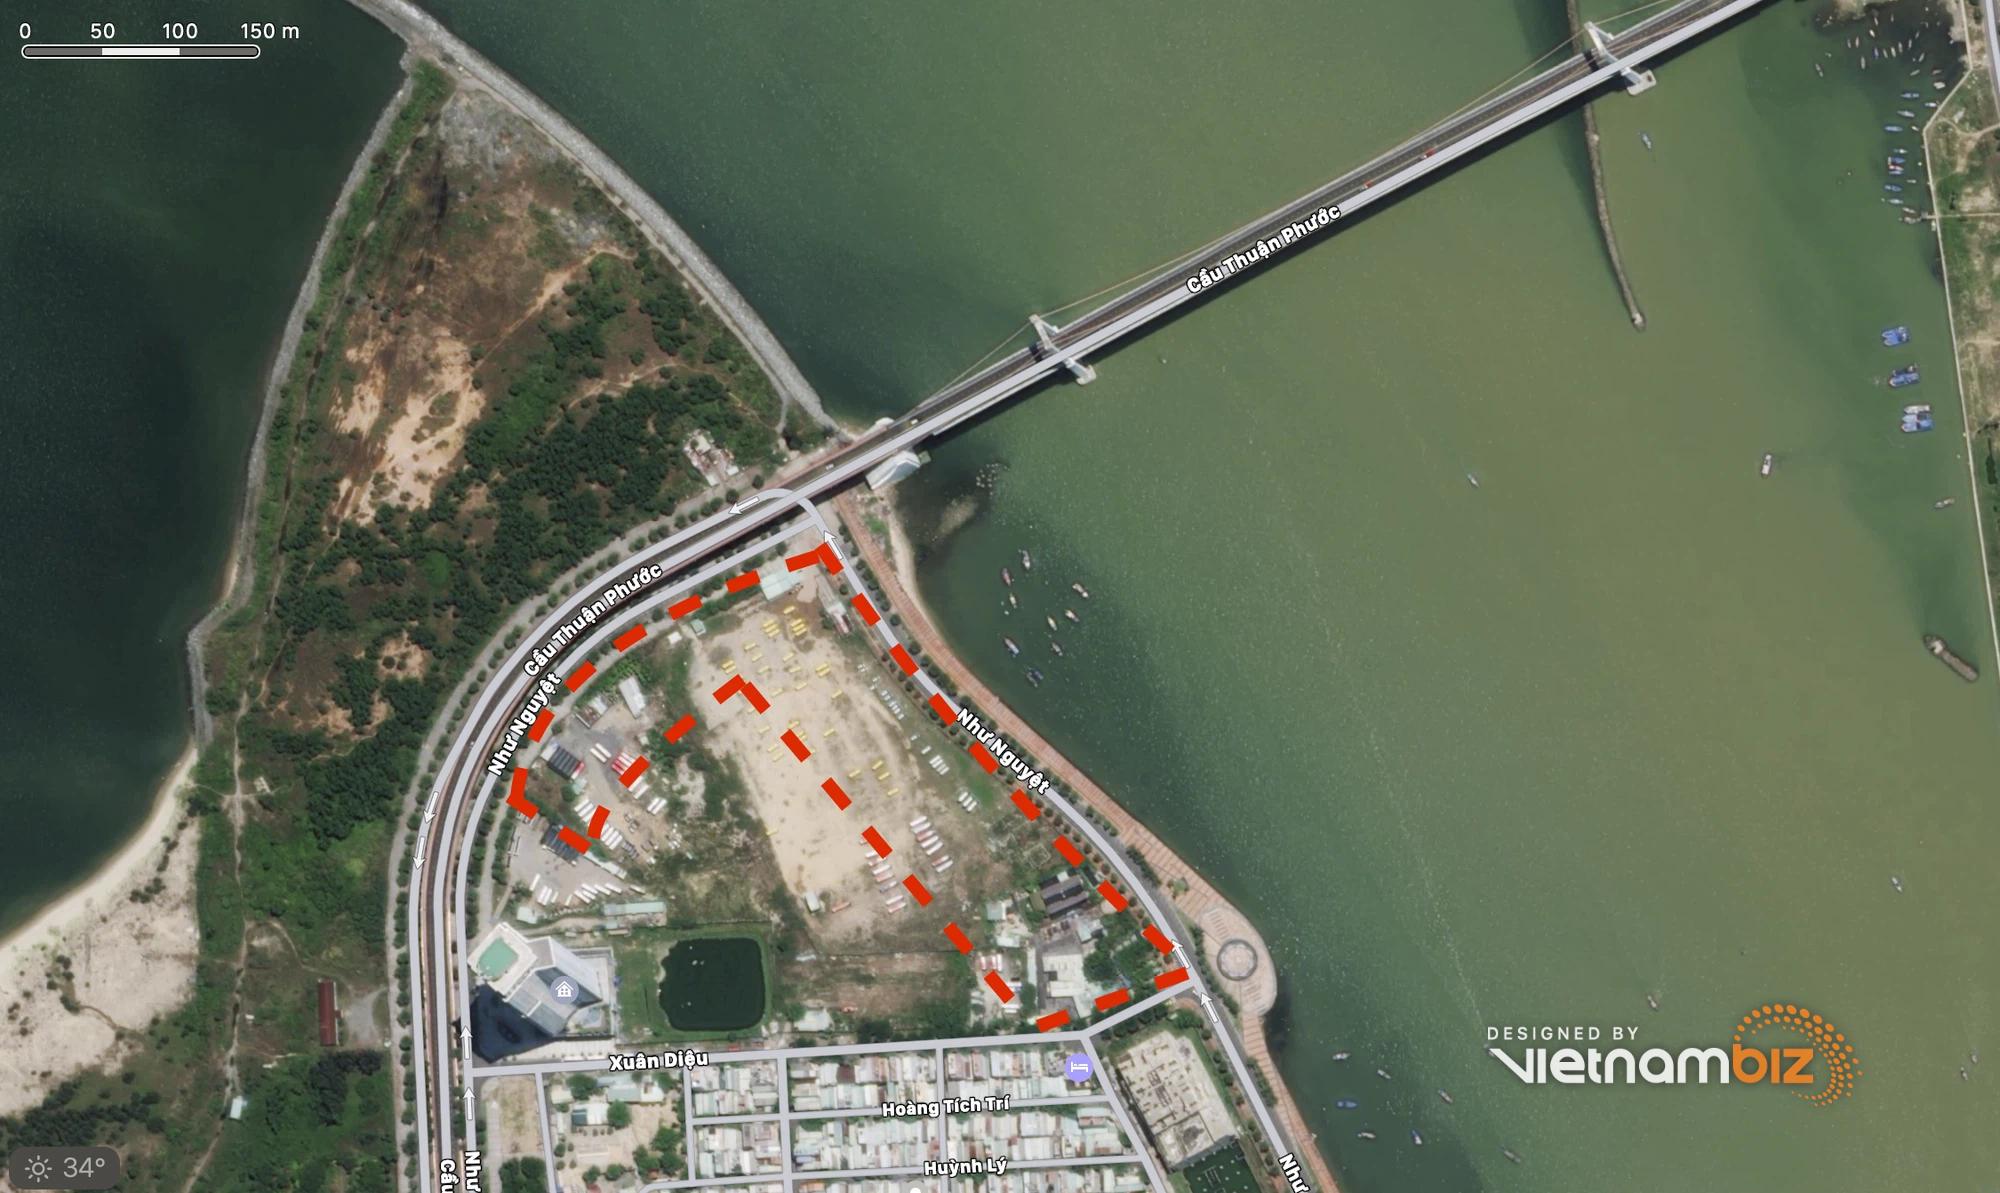 Ba khu đất sát sông Hàn, khu công nghiệp Thủy sản Đà Nẵng kêu gọi đầu tư - Ảnh 12.